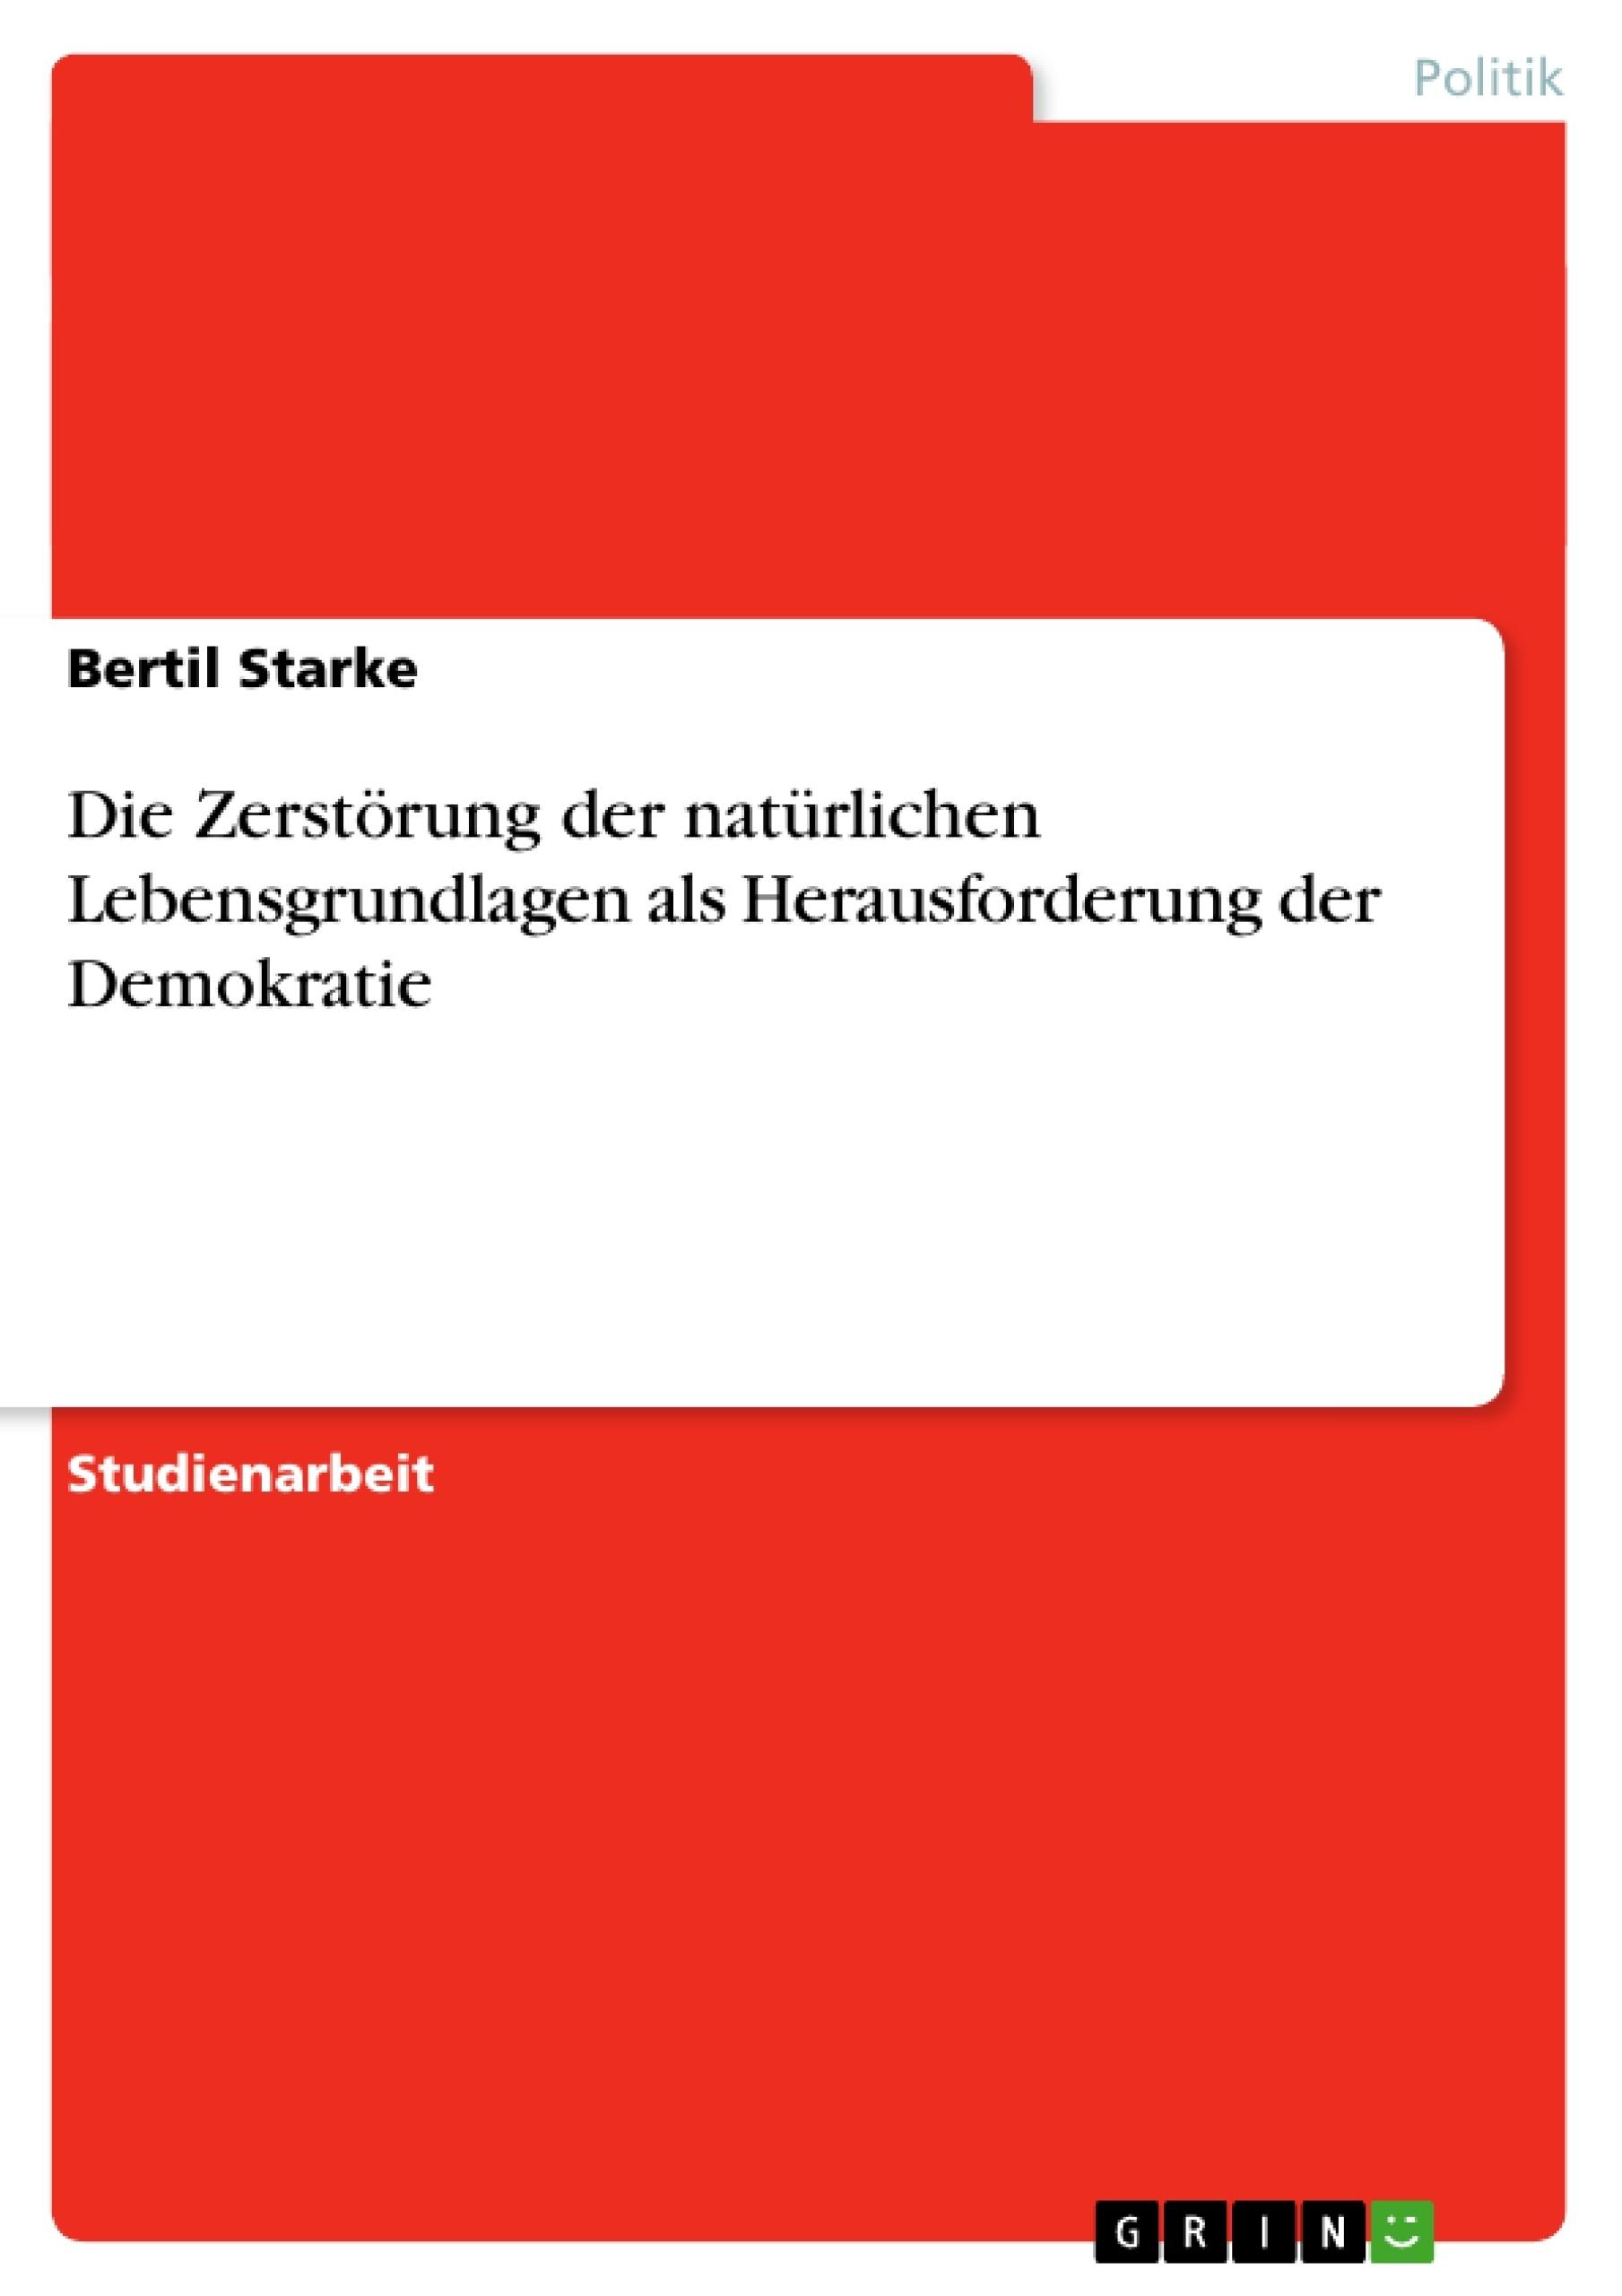 Titel: Die Zerstörung der natürlichen Lebensgrundlagen als Herausforderung der Demokratie